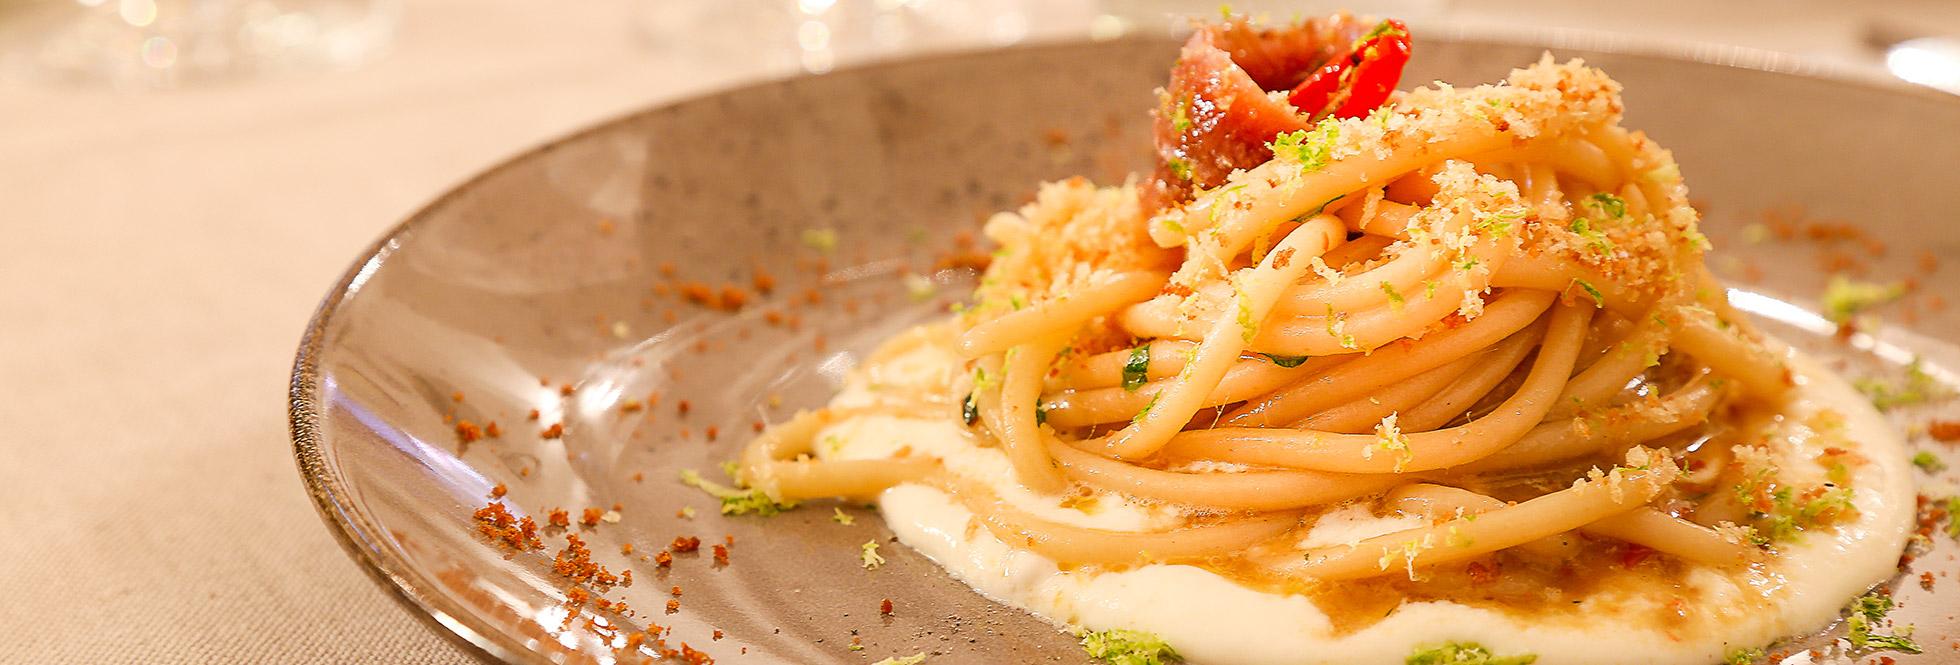 Restaurant Piazzetta Cattedrale 02